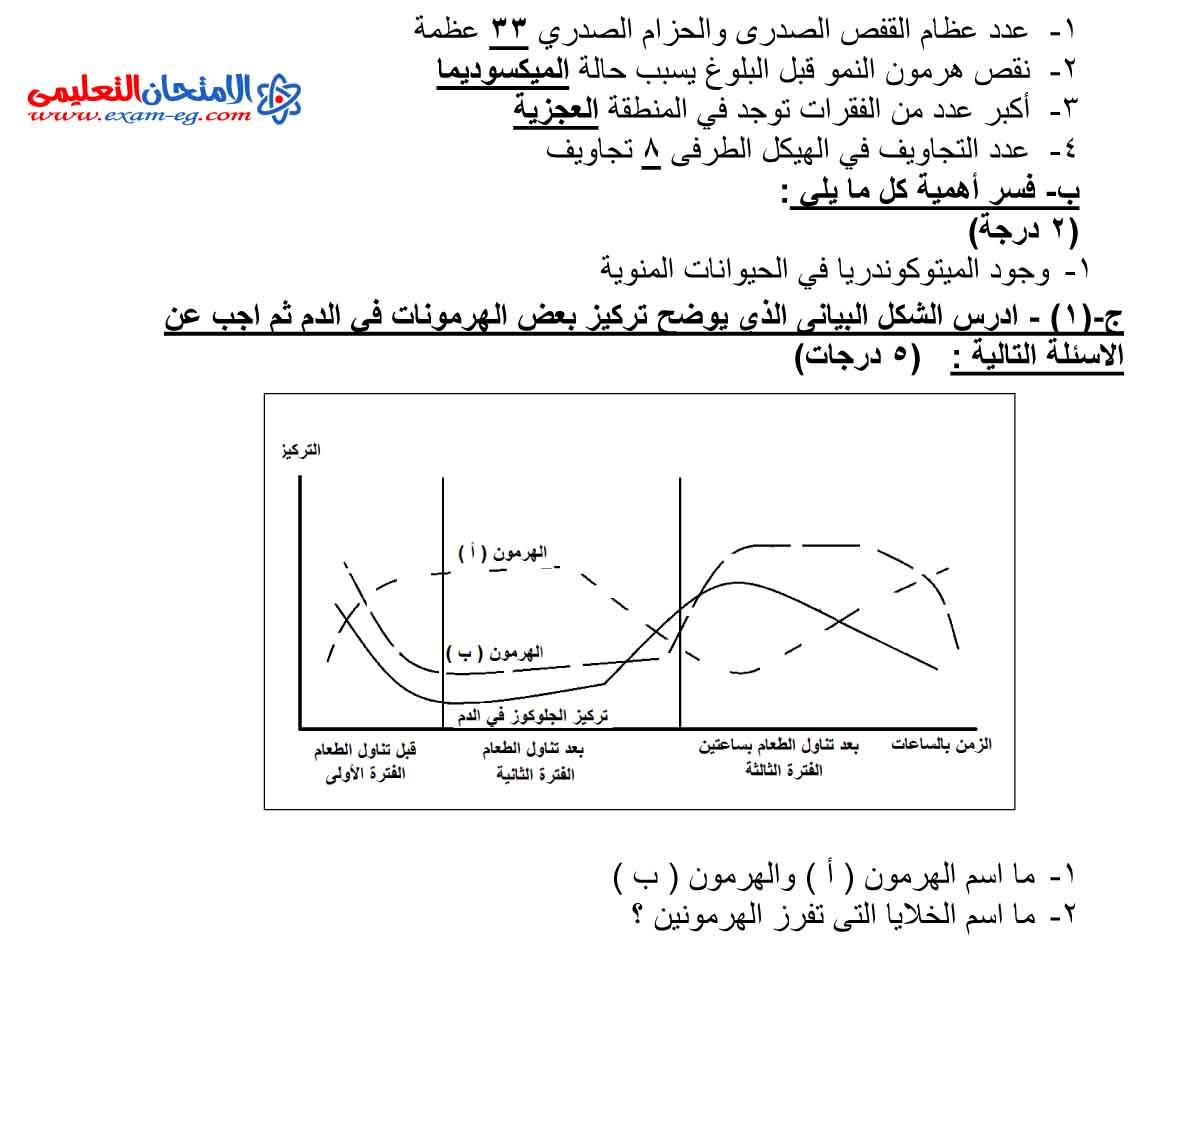 امتحان الاحياء 2 - الامتحان التعليمى-3